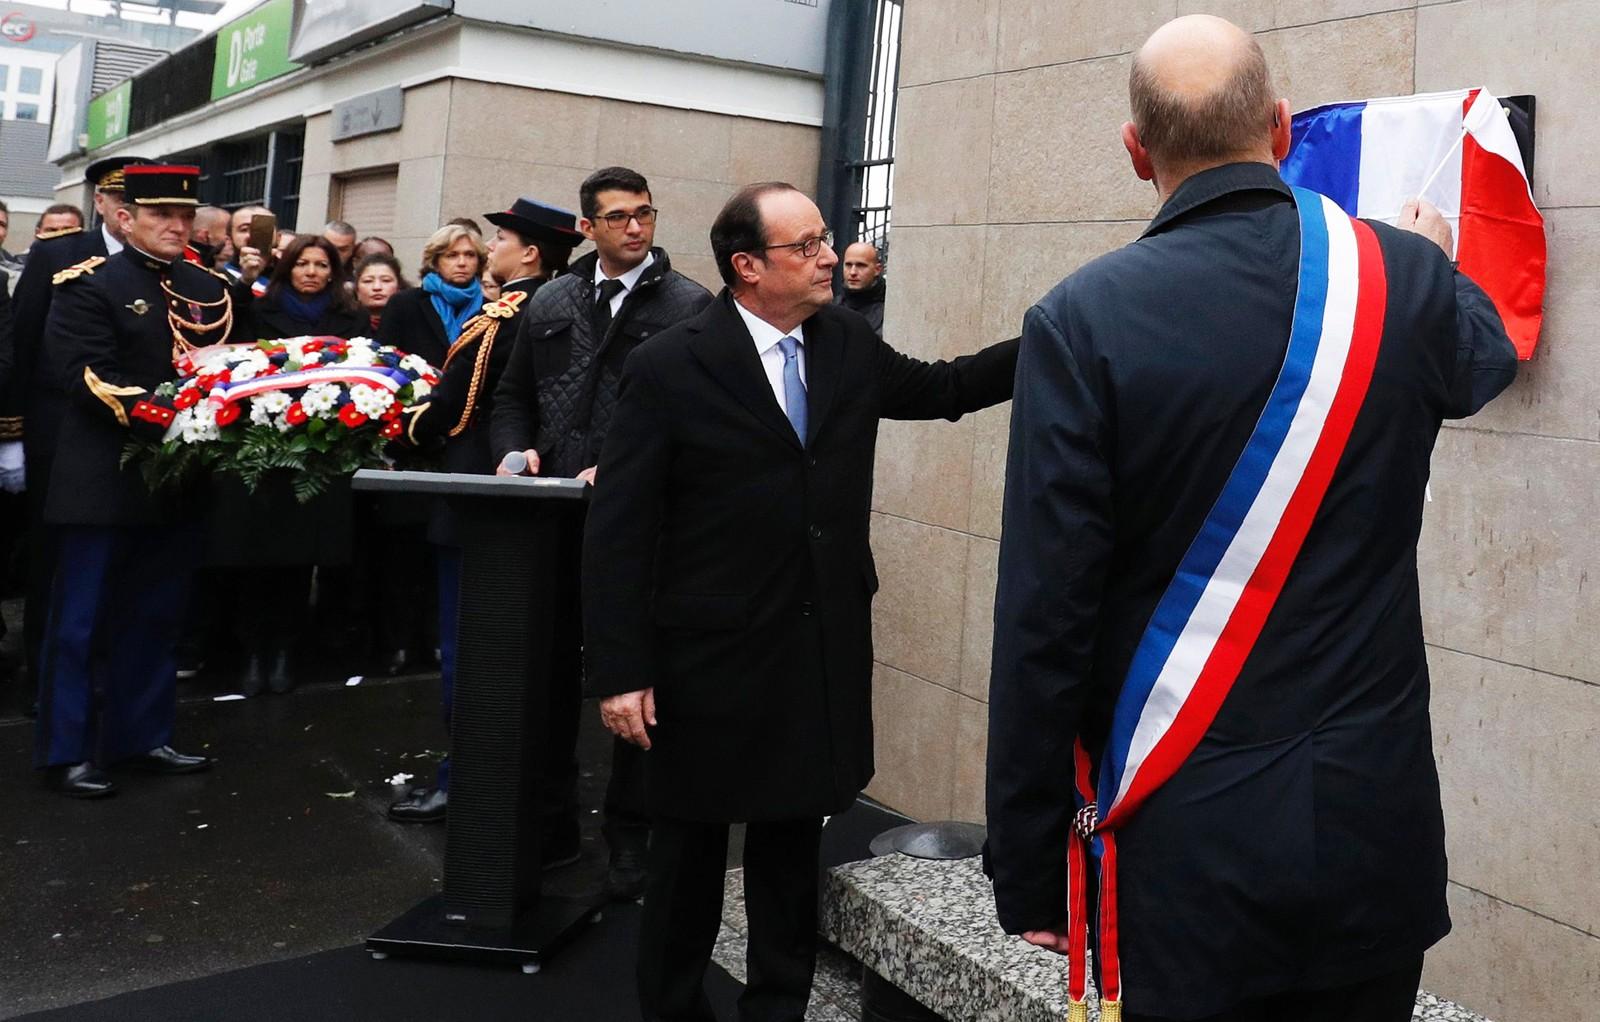 President Francois Hollande og ordføreren i kommunen Saint-Denis, Didier Paillard, avduket en minneplakett utenfor fotballarenaen Stade de France søndag, der det første offeret for terrorangrepet 13. november 2015 ble drept.